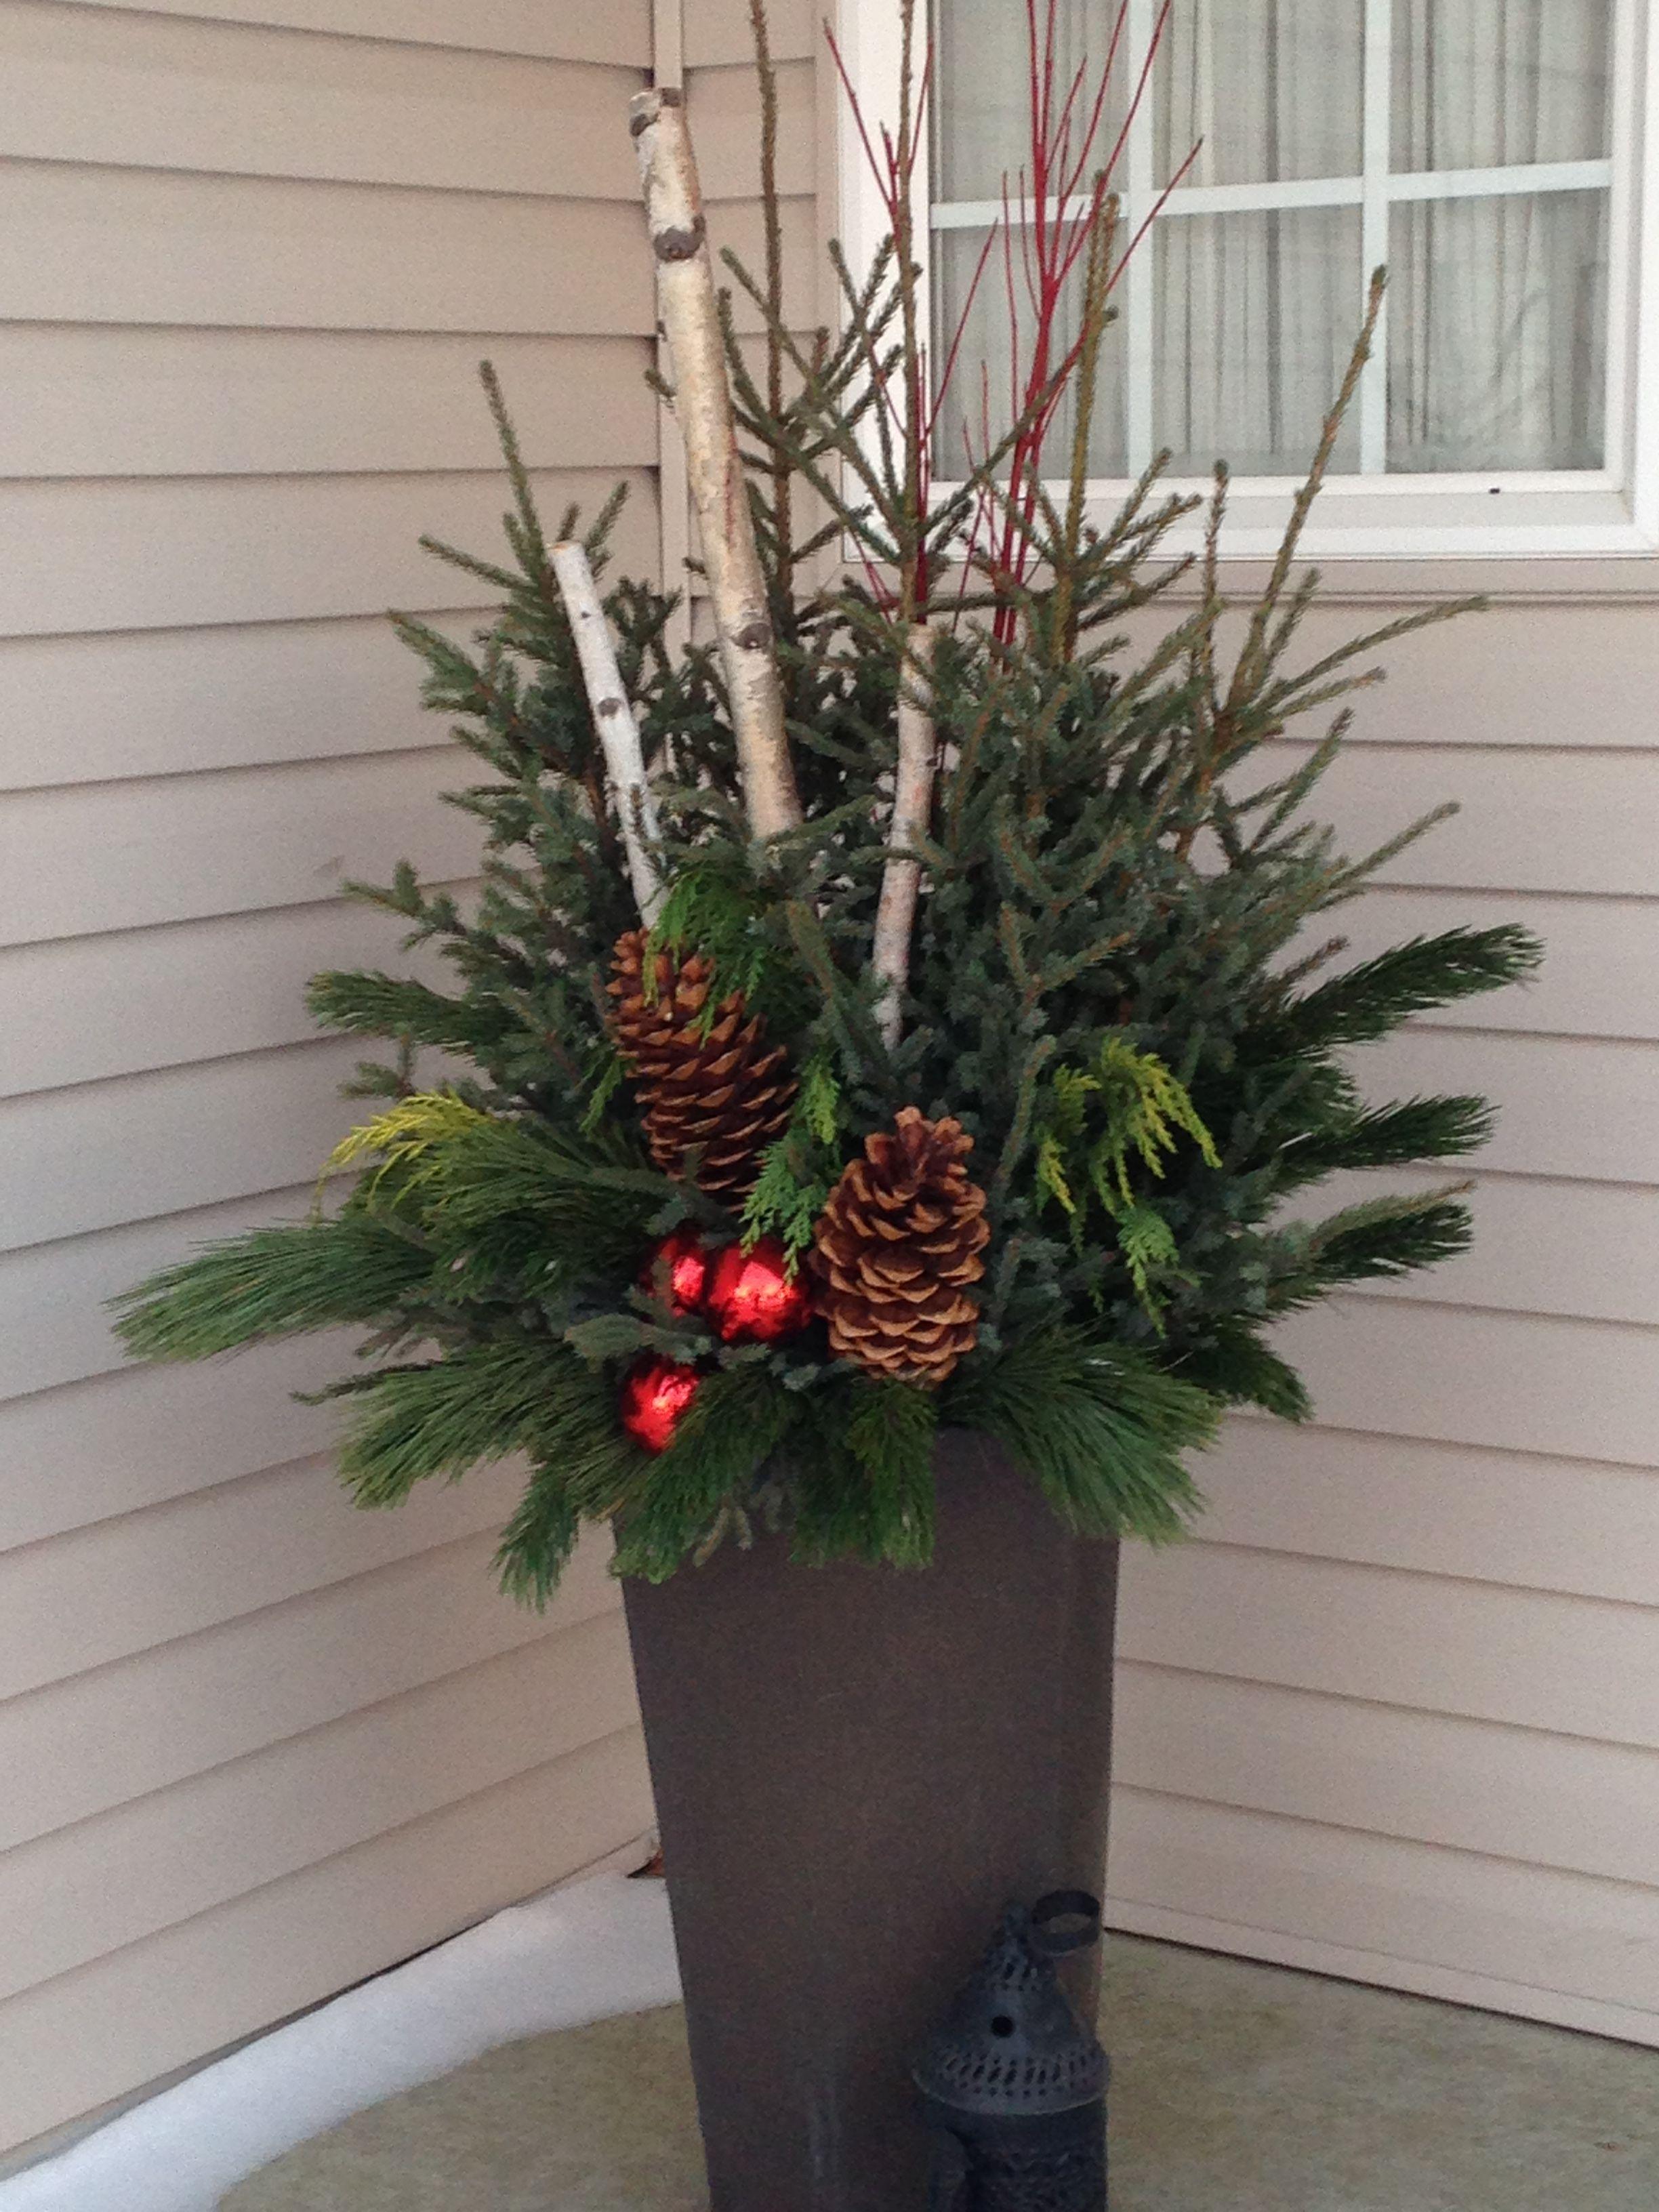 GroVert| living wall| Vertical Garden| Vertical Art| Vertical Décor| DIY vertical| Grown By You| www.buylivingwalls.com #weihnachtsdekohauseingangaussen - minigarden #christmasdeko